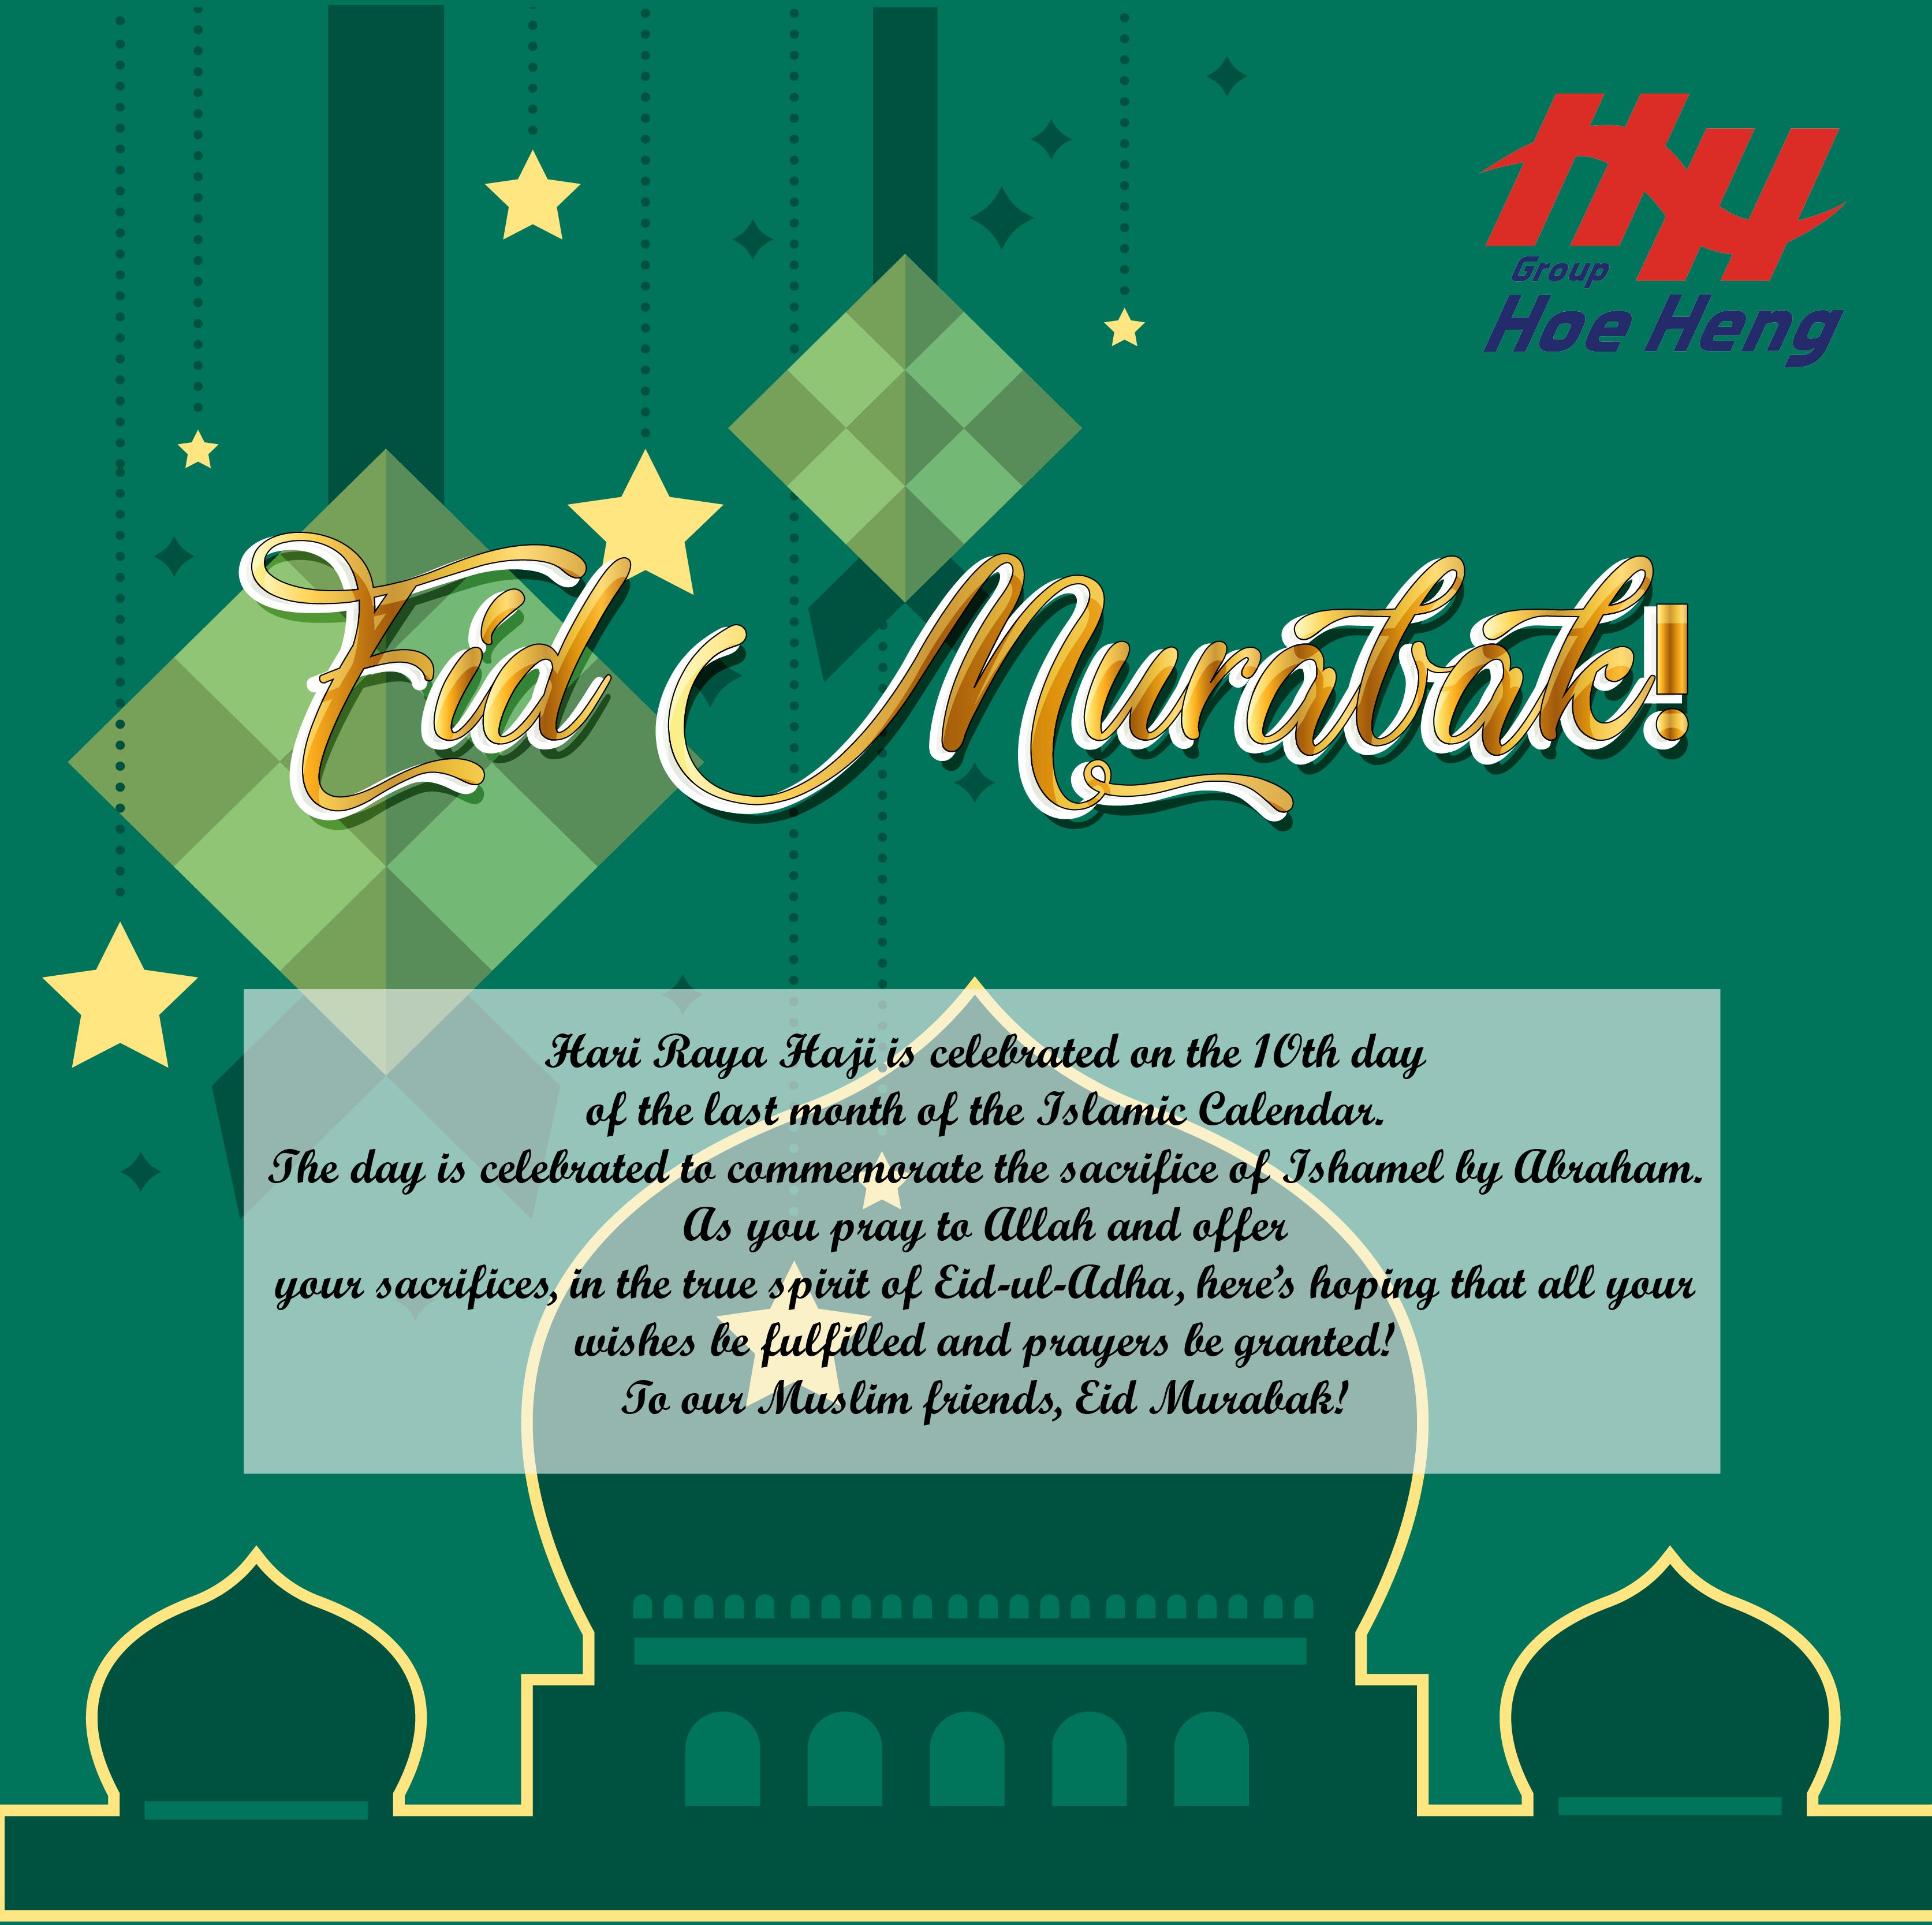 Hari Raya Haji 2018